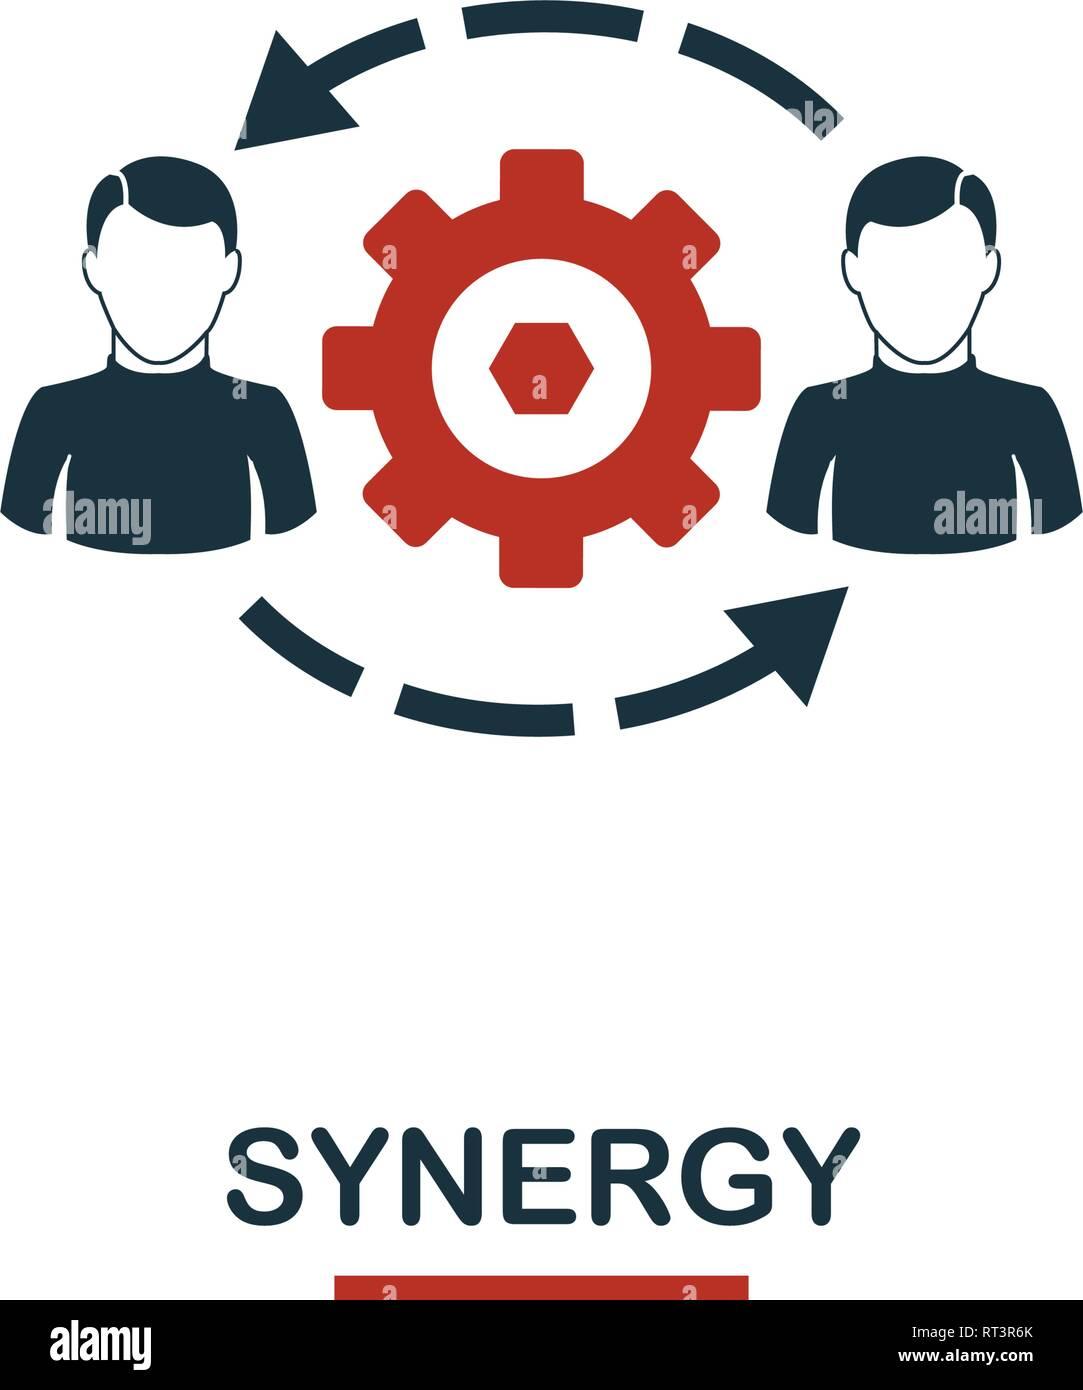 Icono de sinergia. Diseño de estilo Premium icono de un equipo de trabajo conjunto. UI y UX. Pixel Perfect sinergia icono de diseño web, aplicaciones, software, uso de impresión. Imagen De Stock